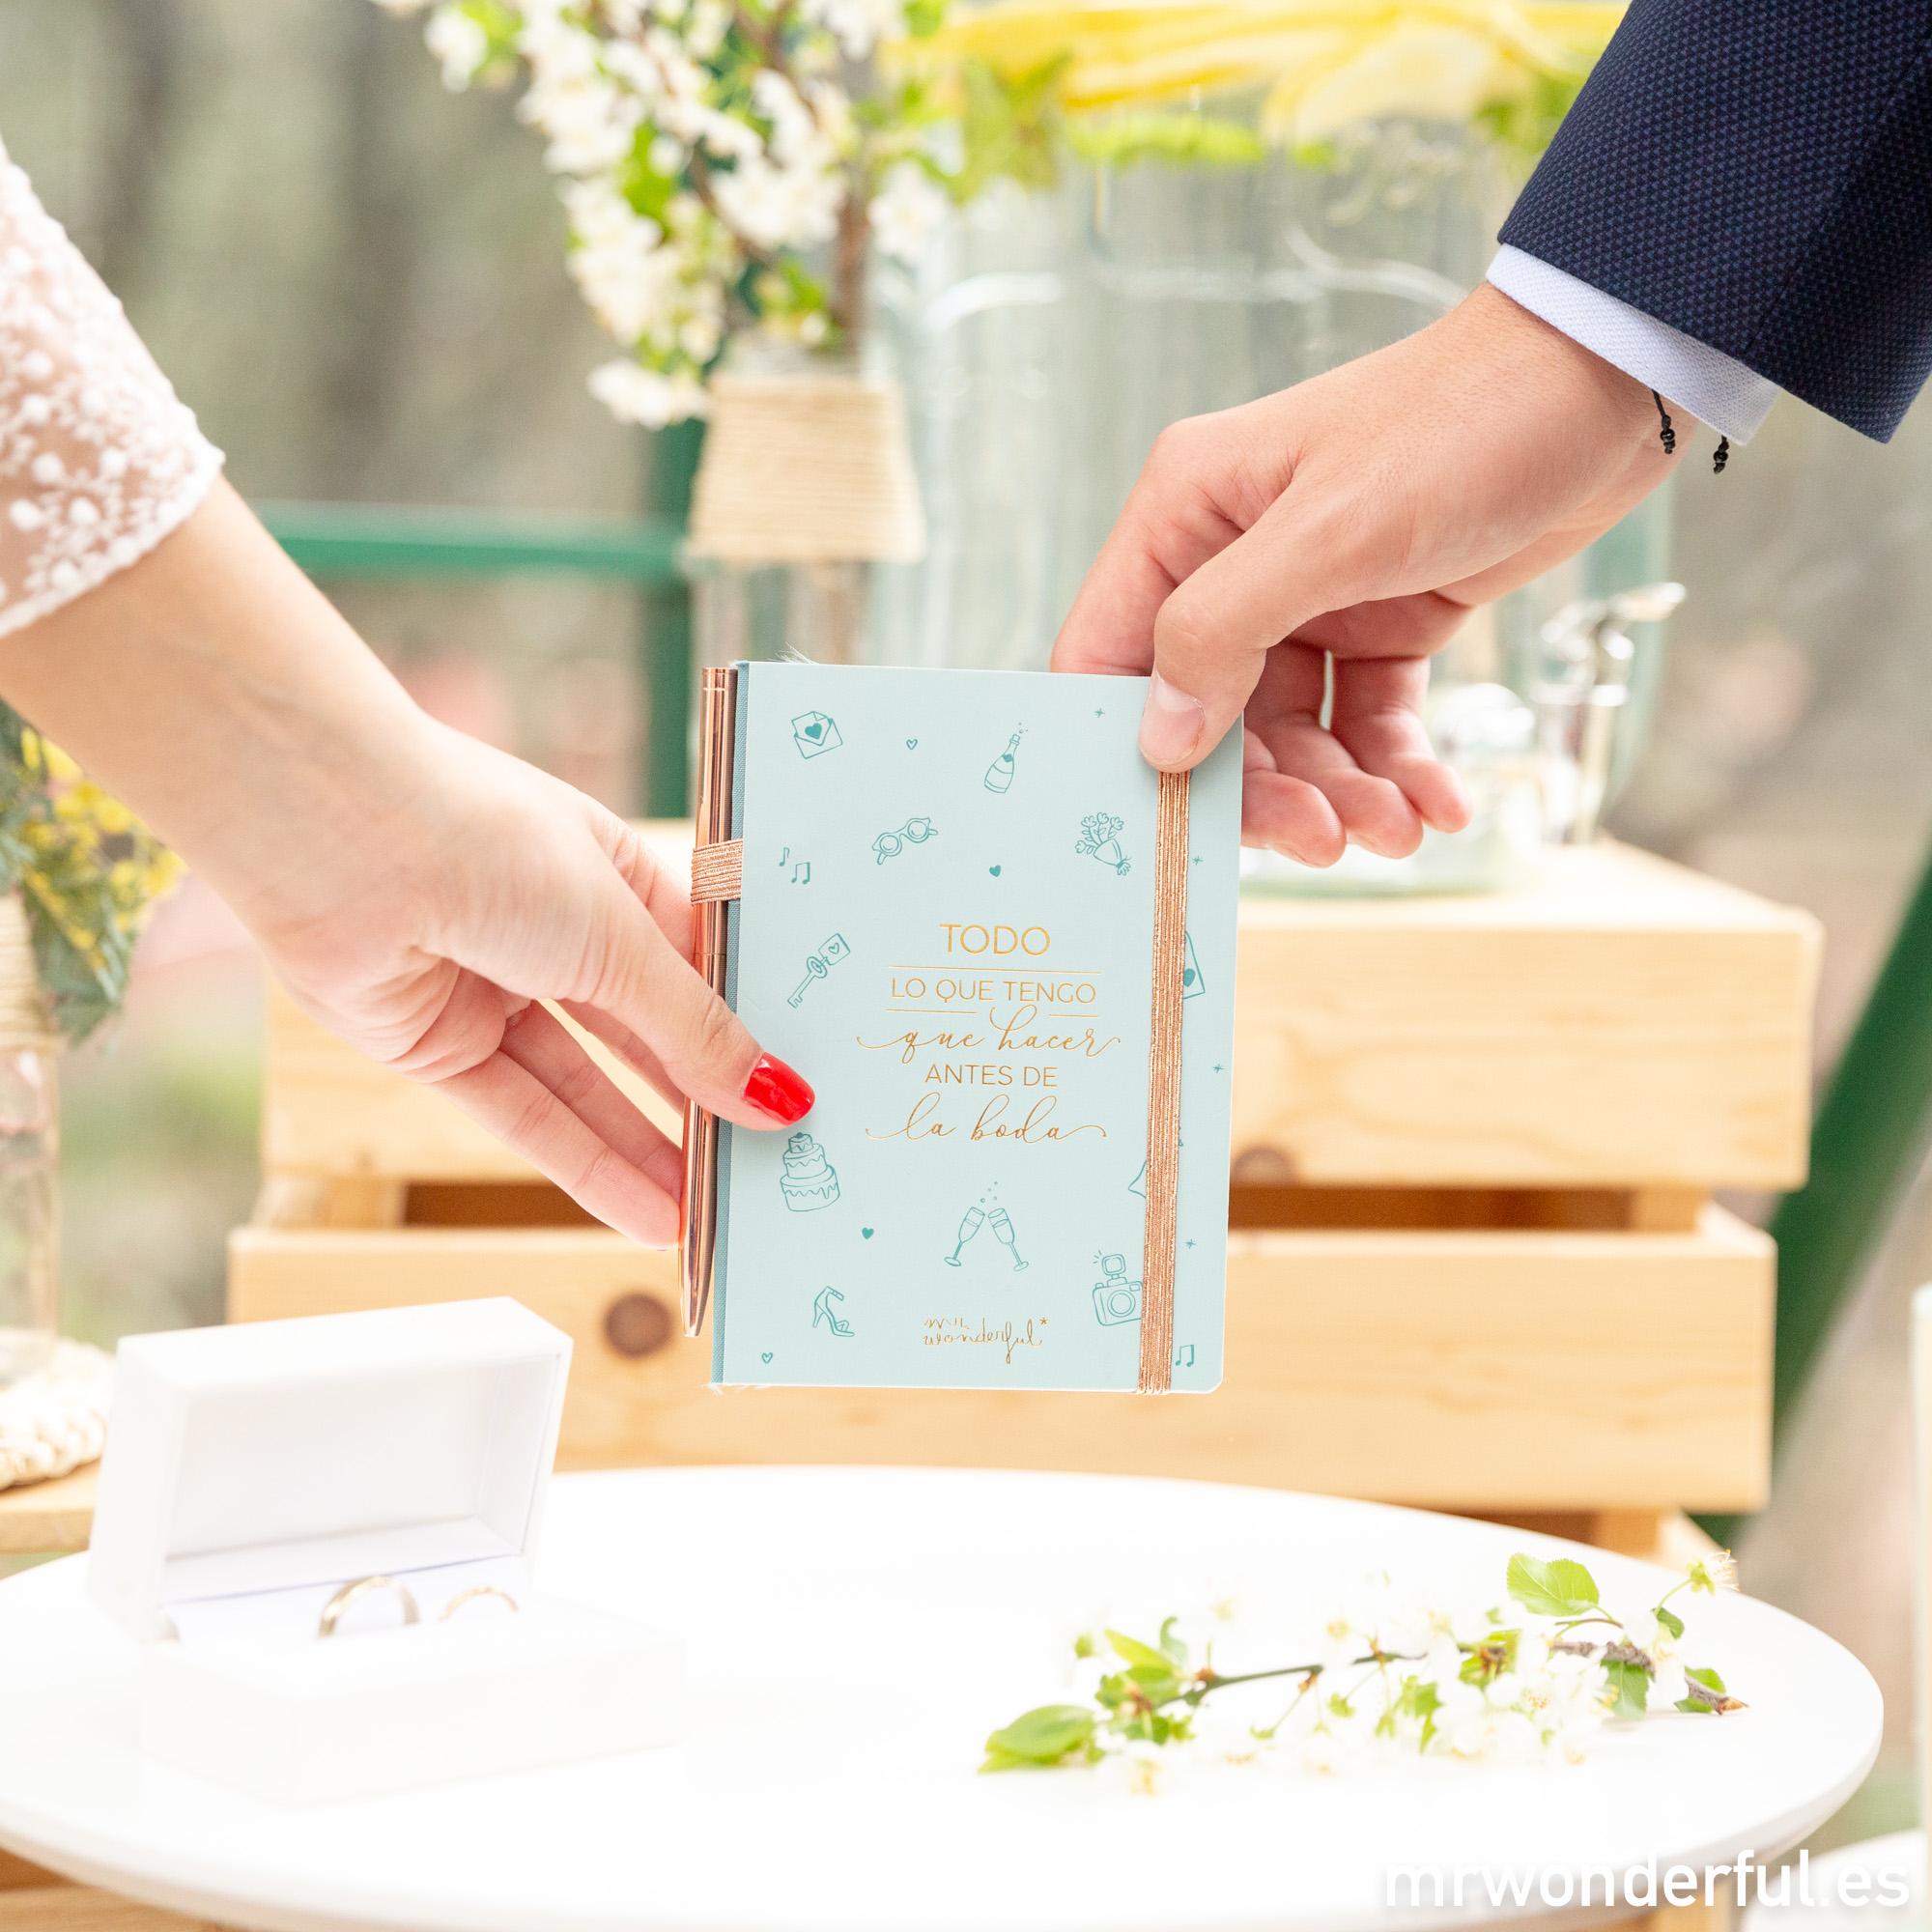 La nueva colección de bodas Mr. Wonderful, es para dar el SÍ QUIERO más  sonoro del mundo entero - muymolon